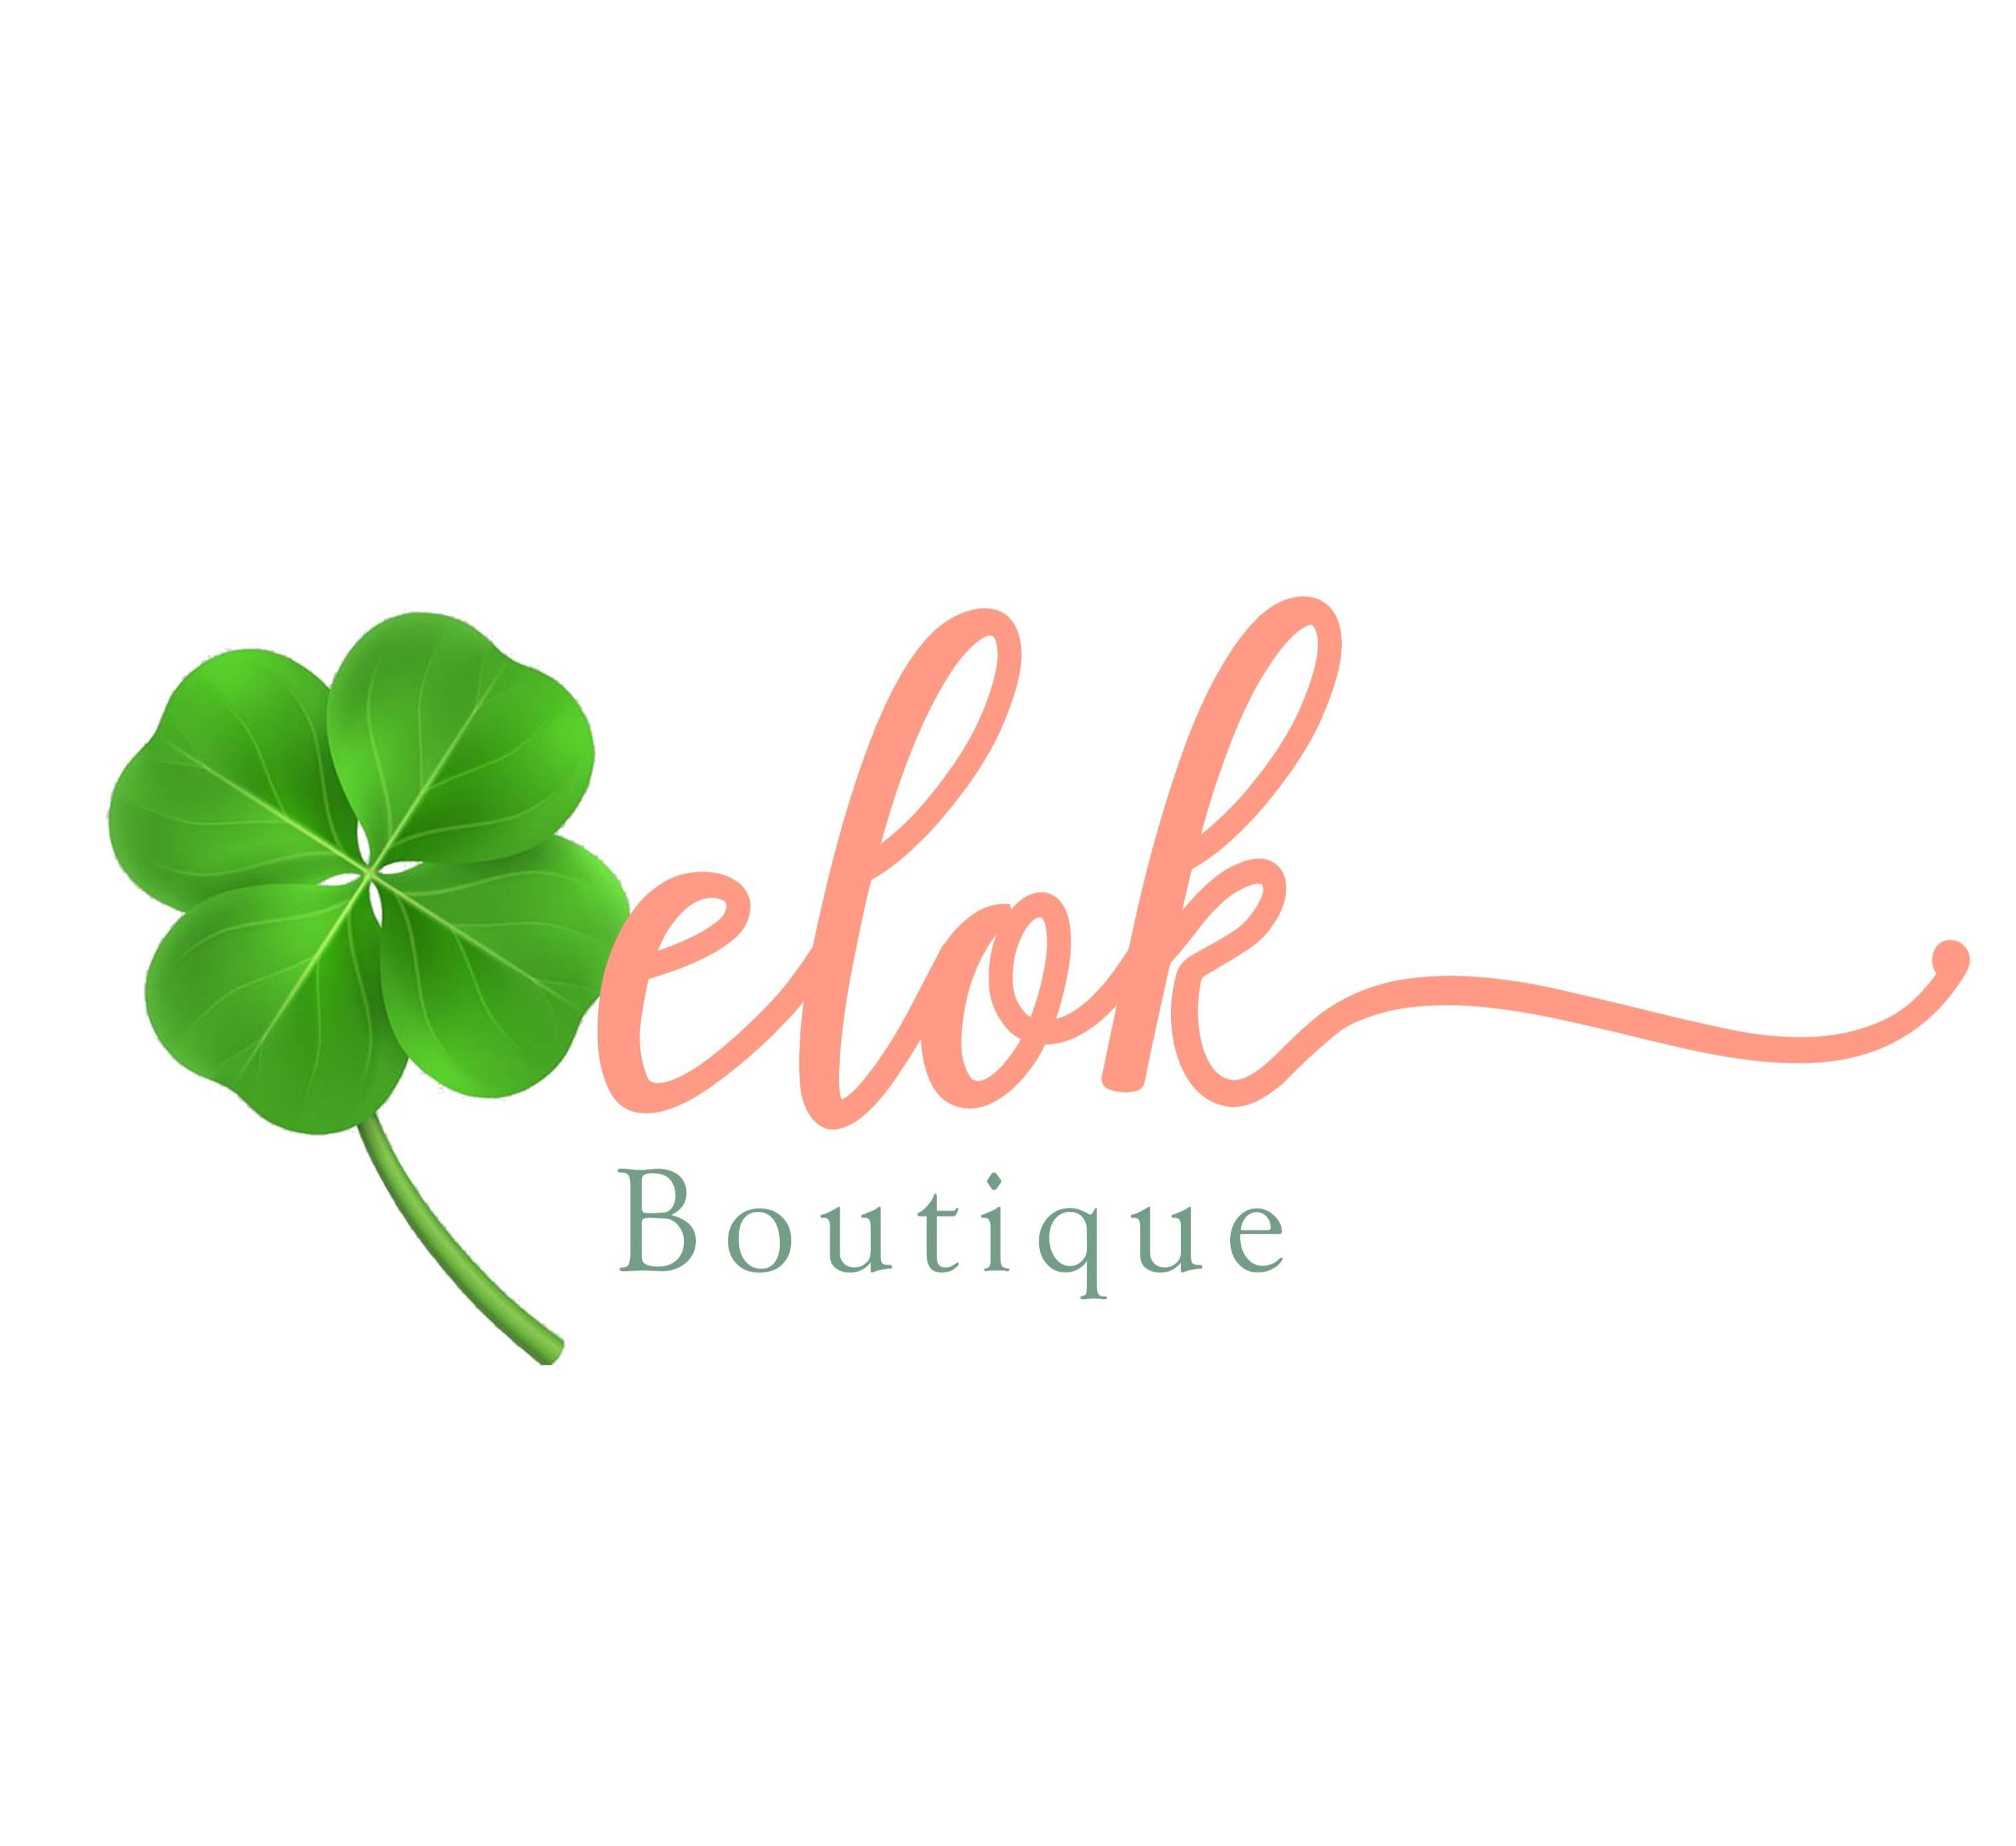 Elok Boutique